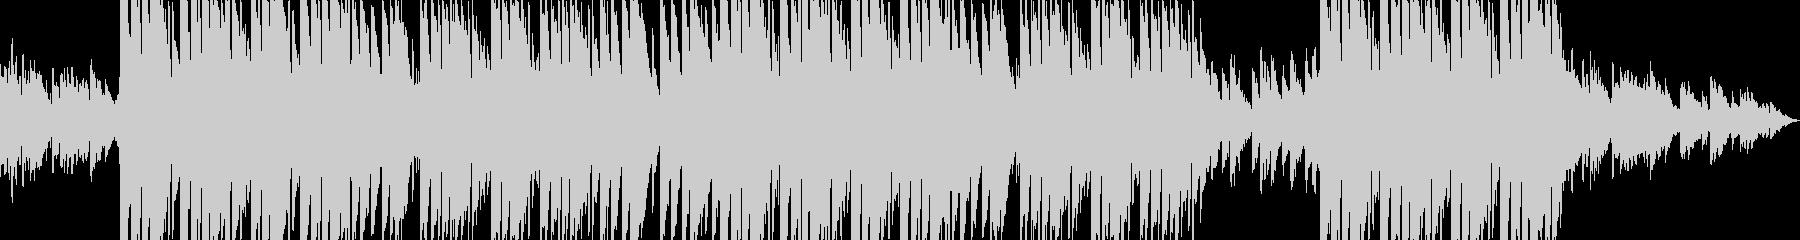 チルなベルサウンドが印象的なトラップの未再生の波形